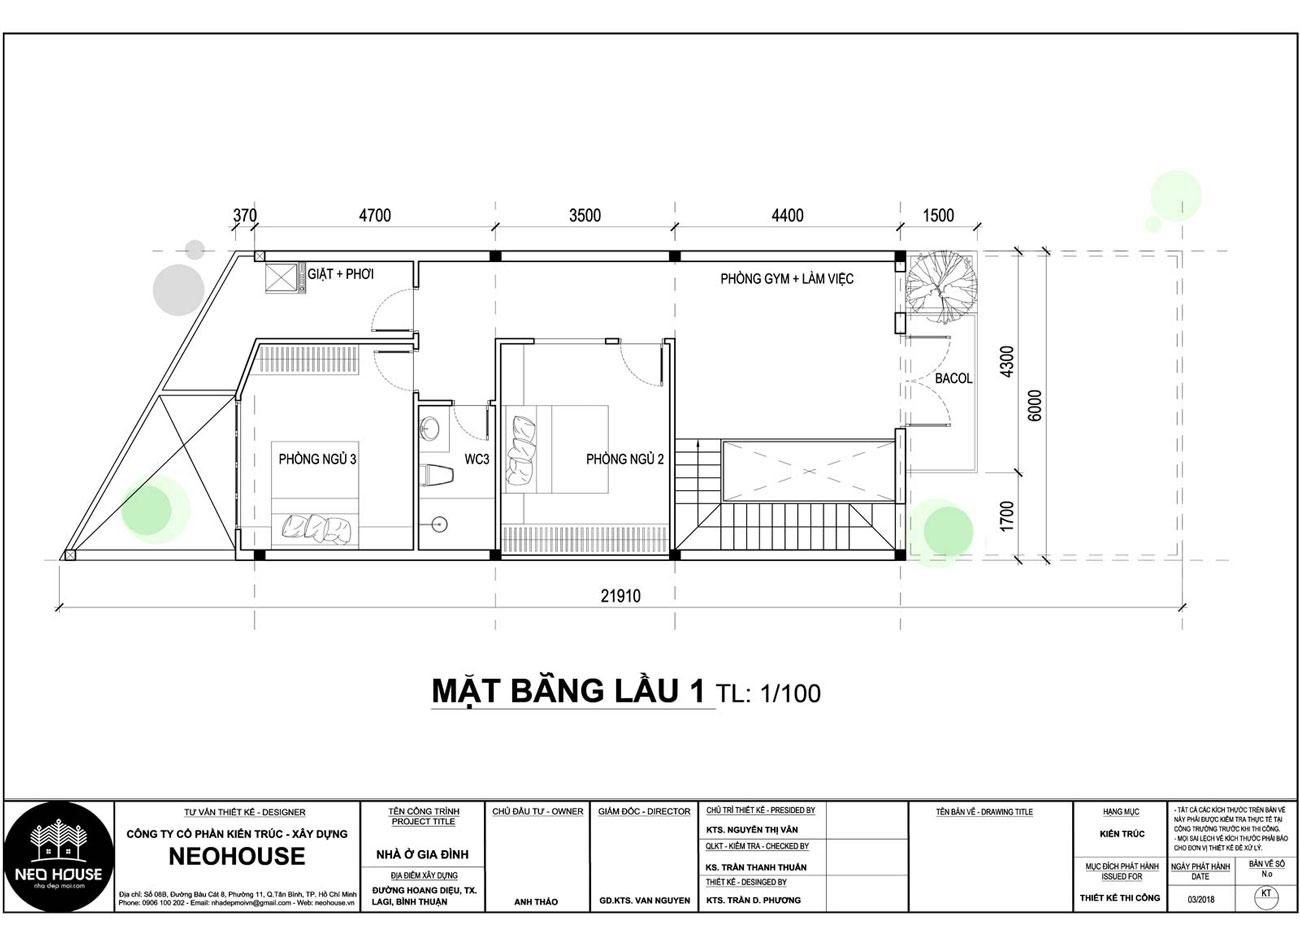 Mặt bằng lầu 1 xây nhà ống 2 tầng giá rẻ hiện đại tại Lagi, Bình Thuận